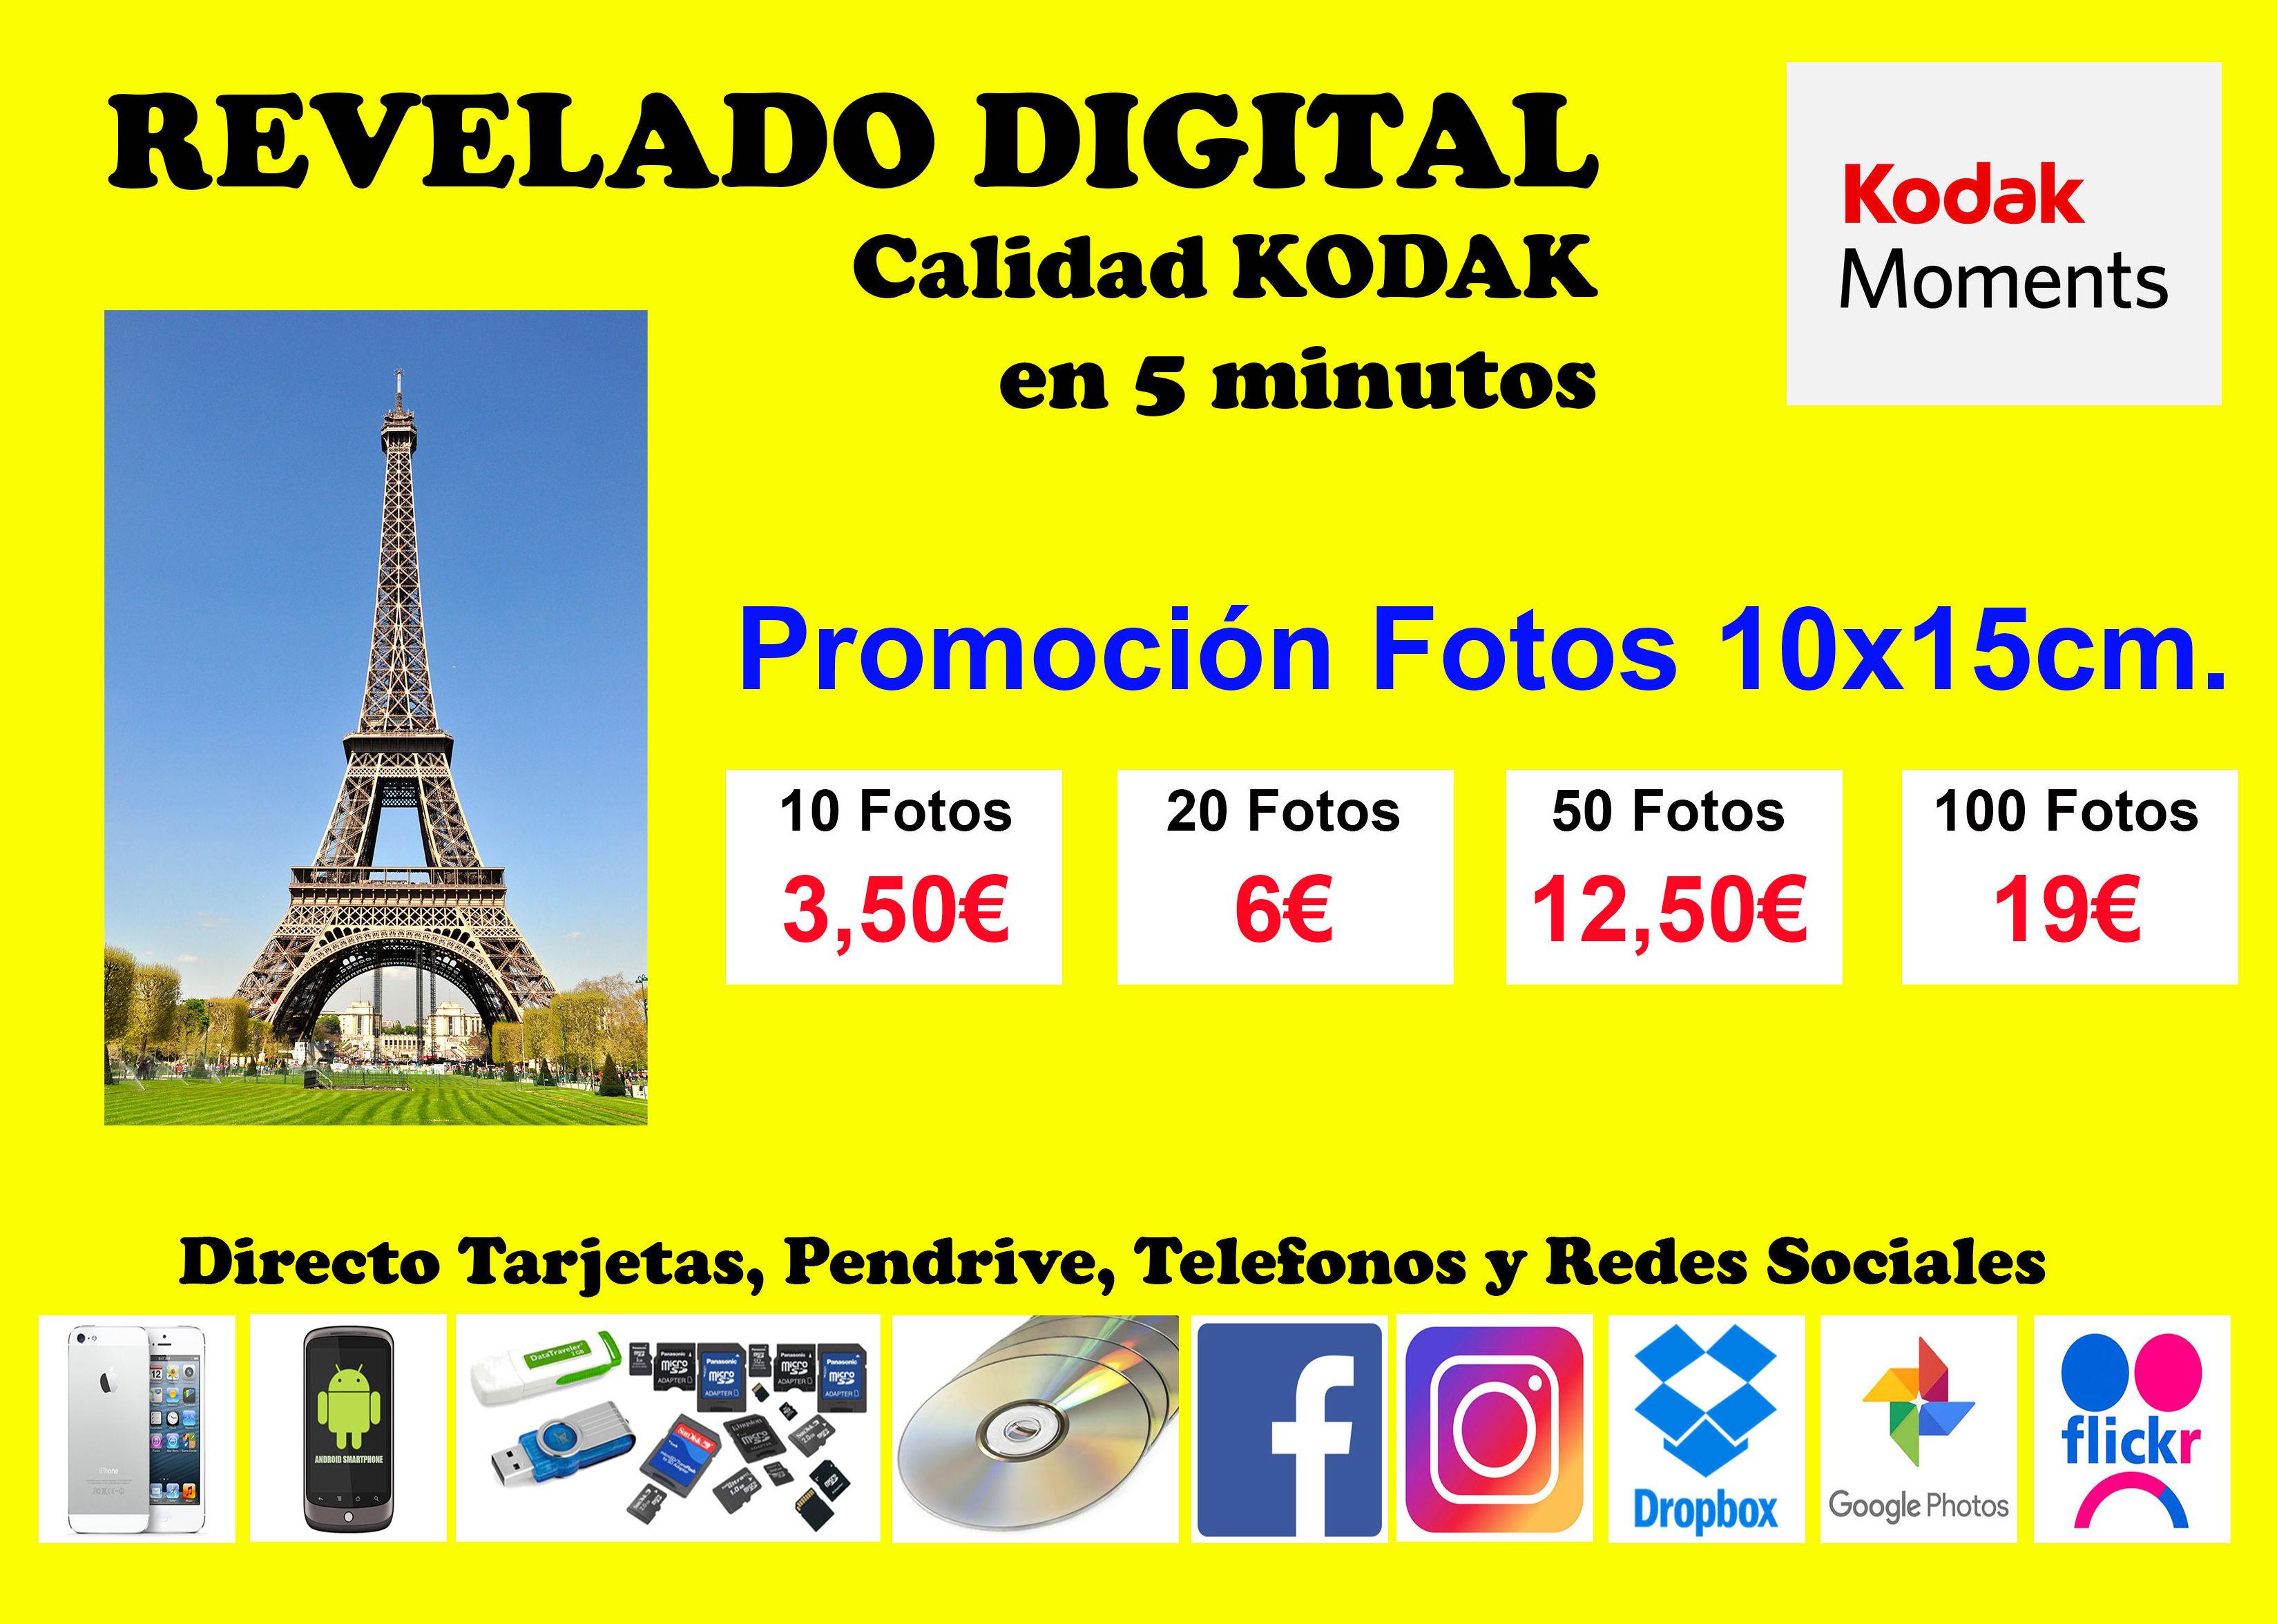 Revelado digital promoción fotos 10x15 cm en Alicante